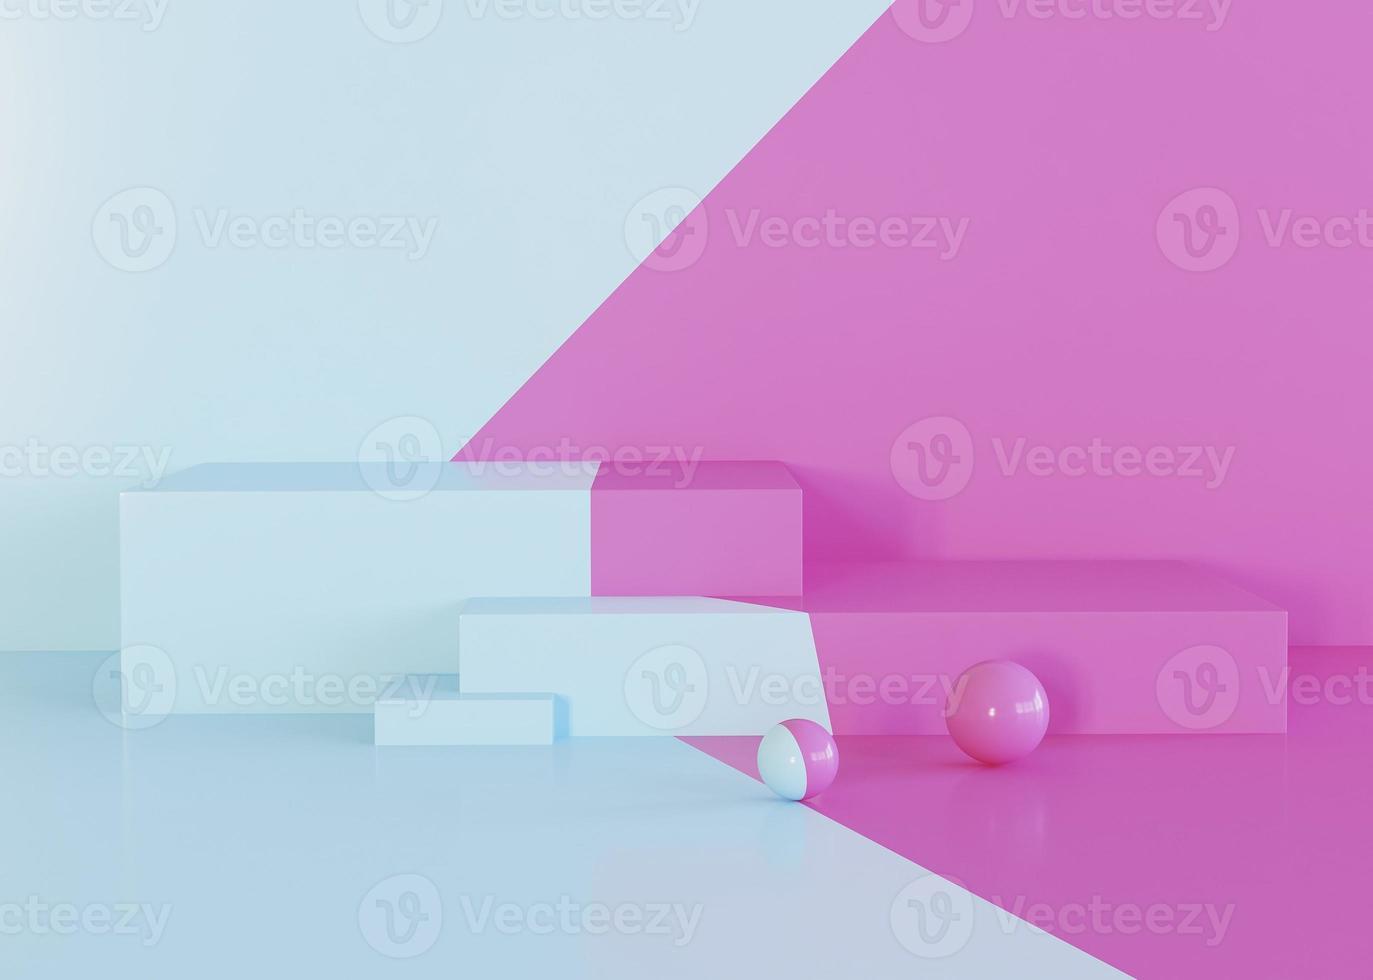 fundo de formas geométricas em tons de rosa e azul claro foto